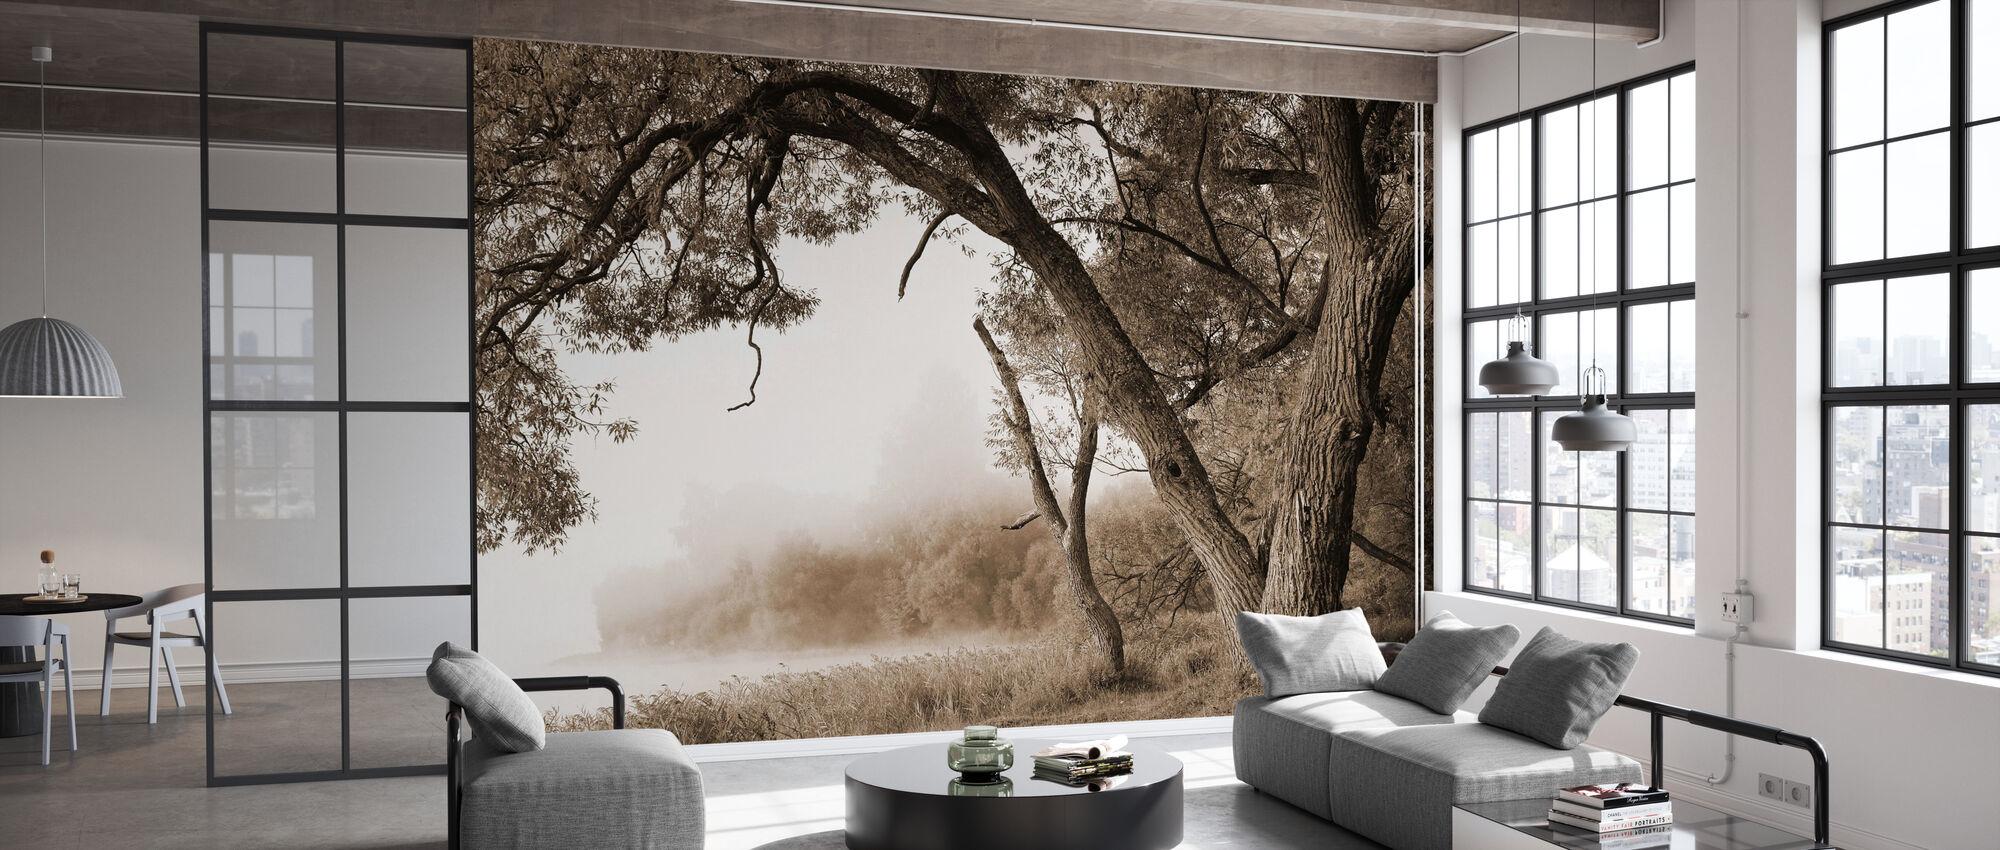 Tree in a Fog - Wallpaper - Office